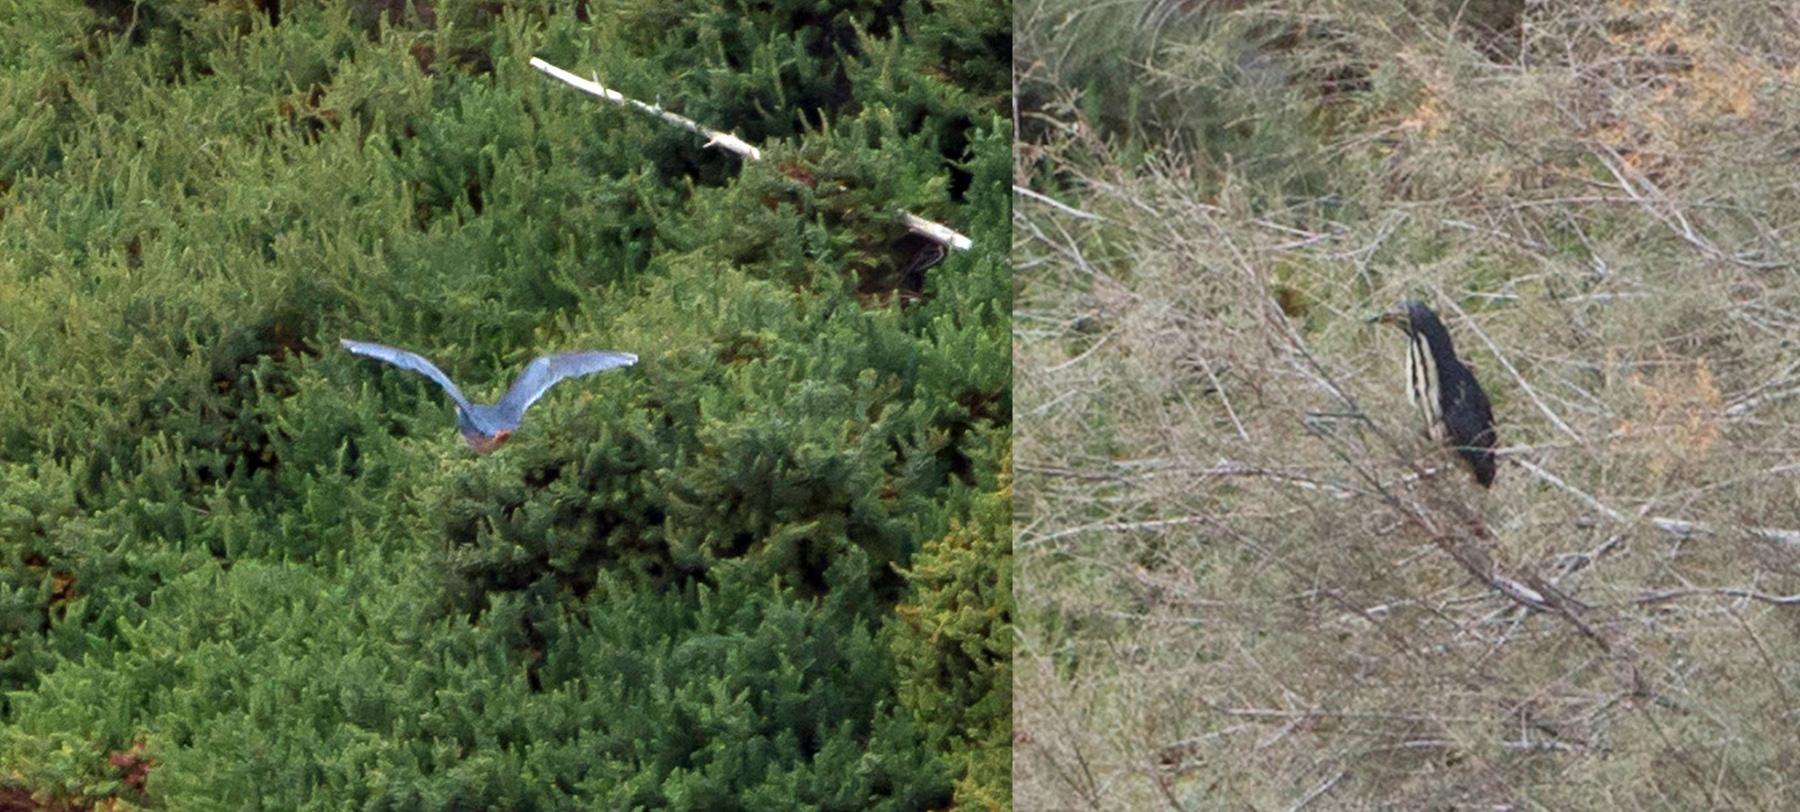 Von der eigentlichen Attraktion, einer seit Monaten dort weilenden Graurückendommel, gibt es nur Belegbilder